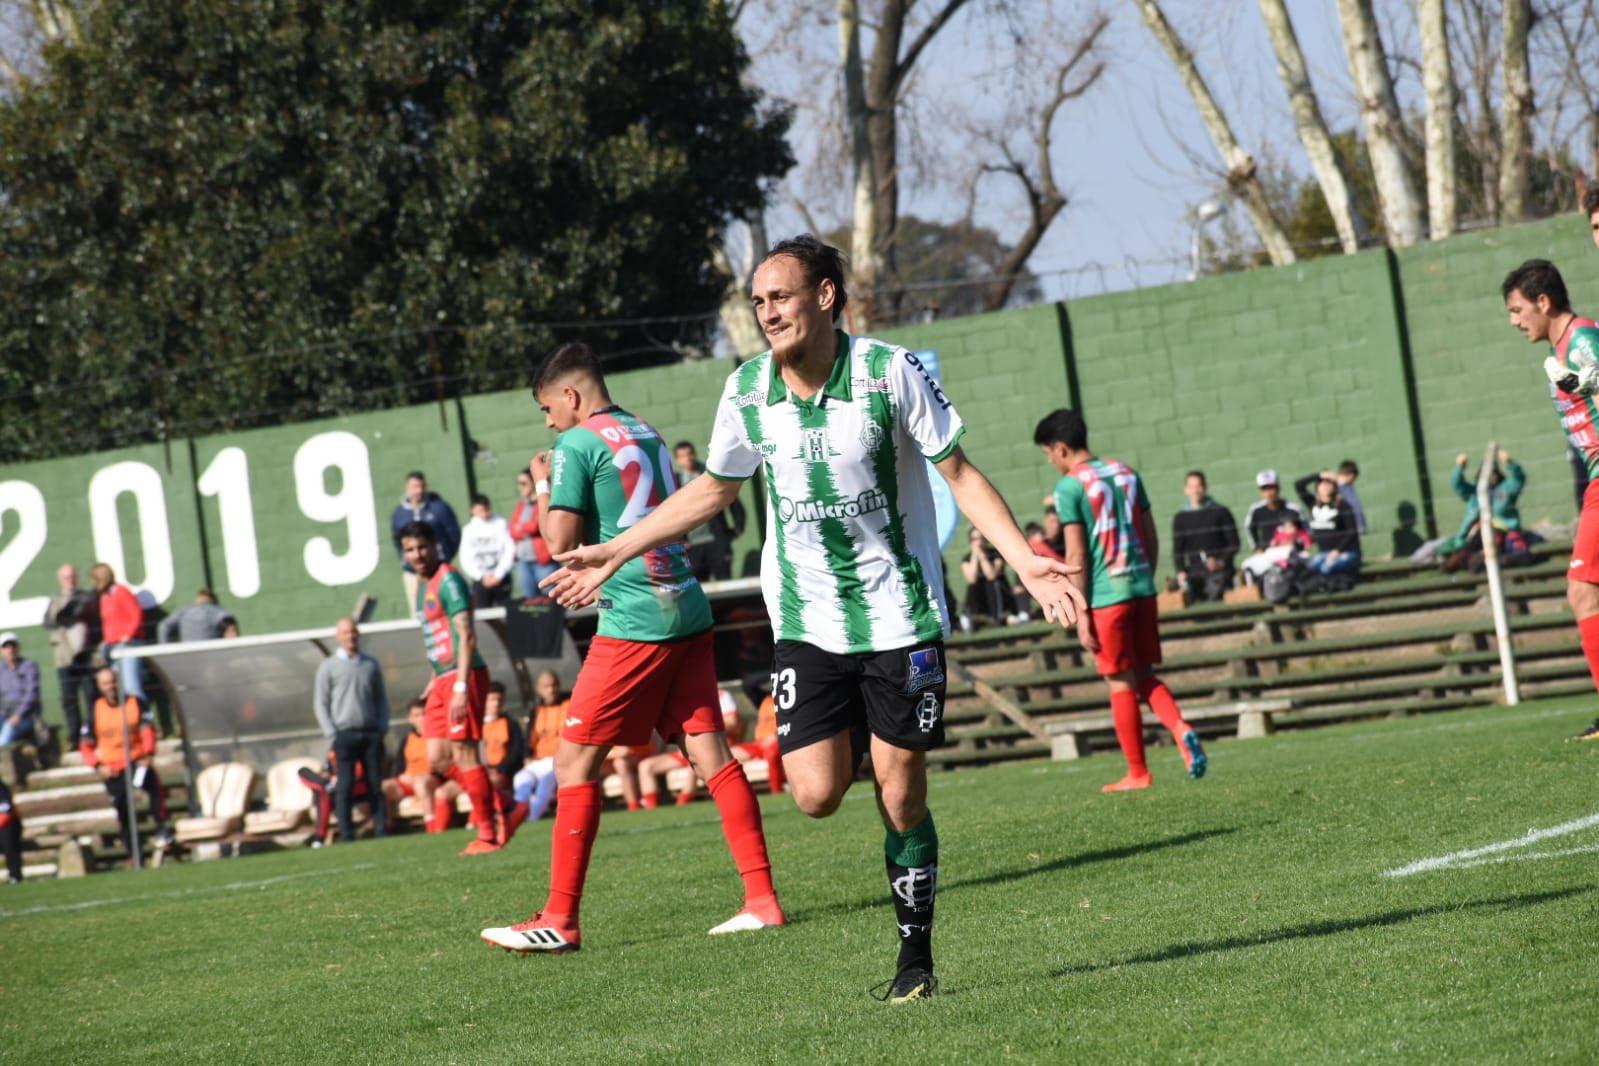 no-uruguai-equipe-cria-camiseta-com-ondas-sonoras-de-sua-torcida-Futebol-Latino-06-09